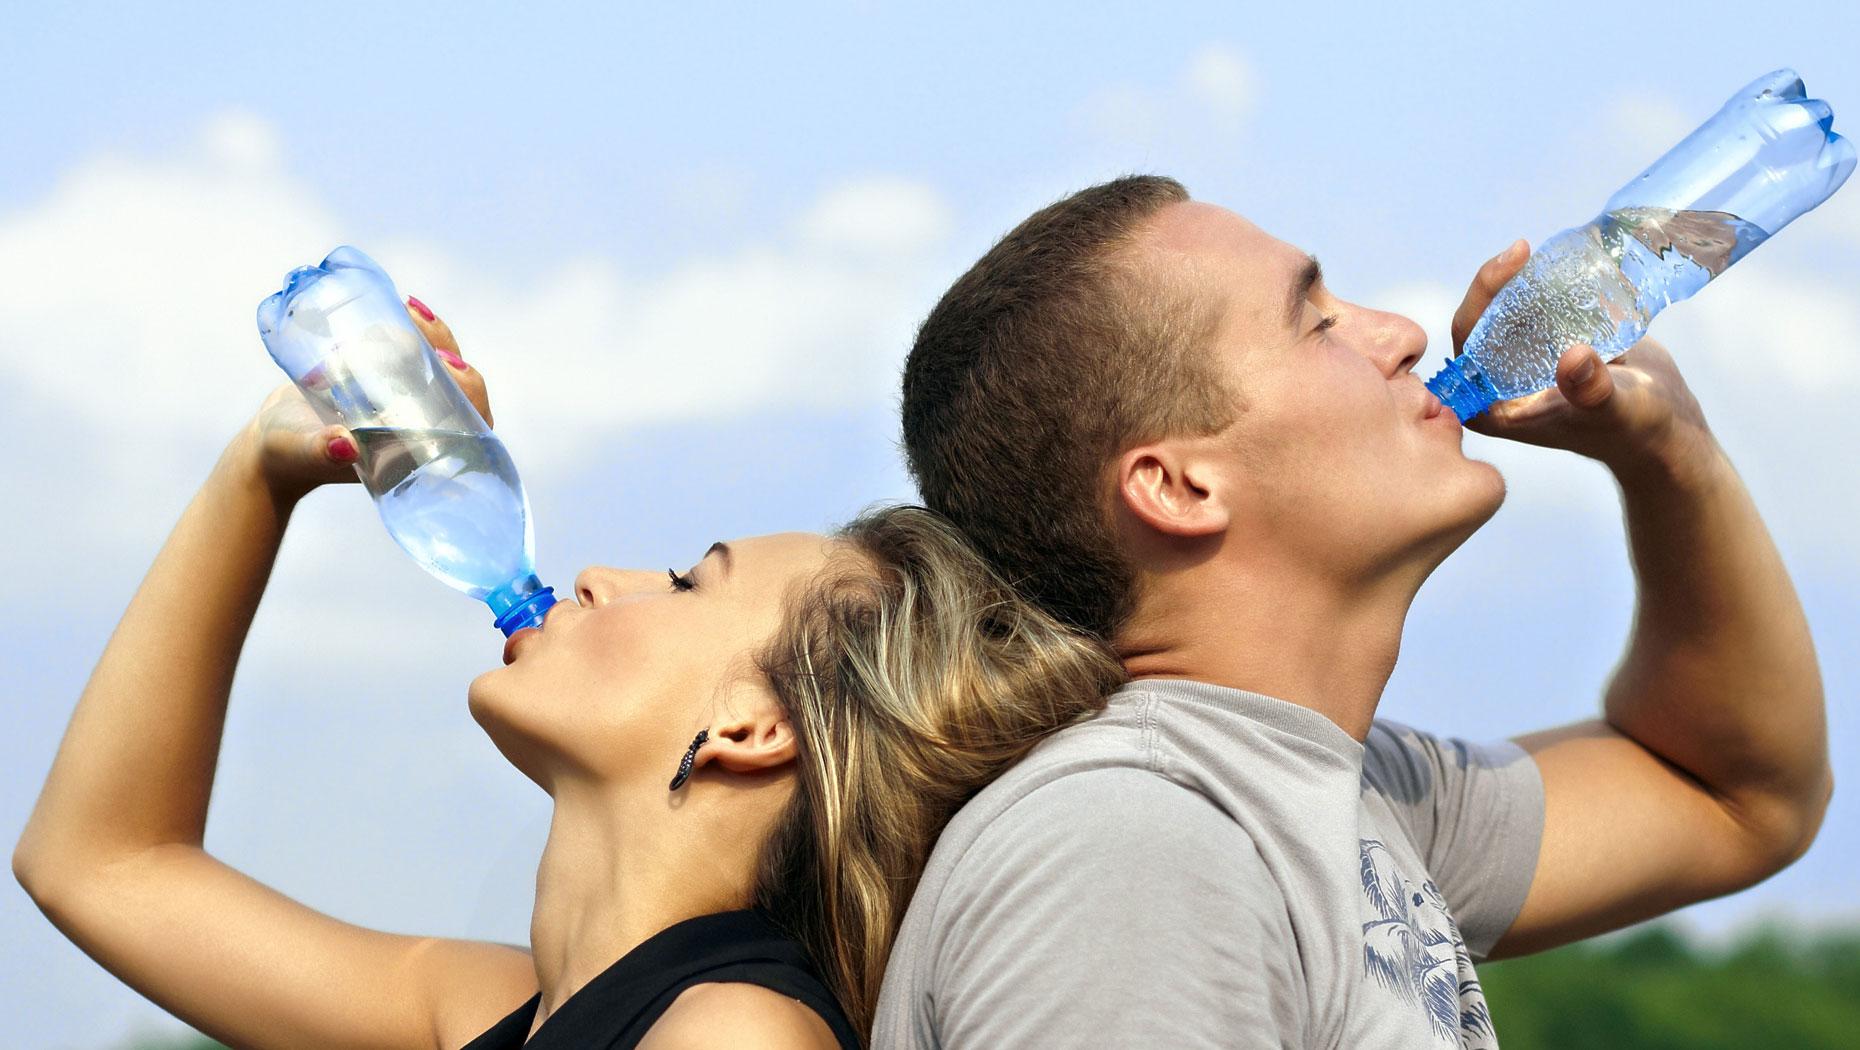 Ce facem? Bem sau nu apă înainte de culcare? Când se bea apa?